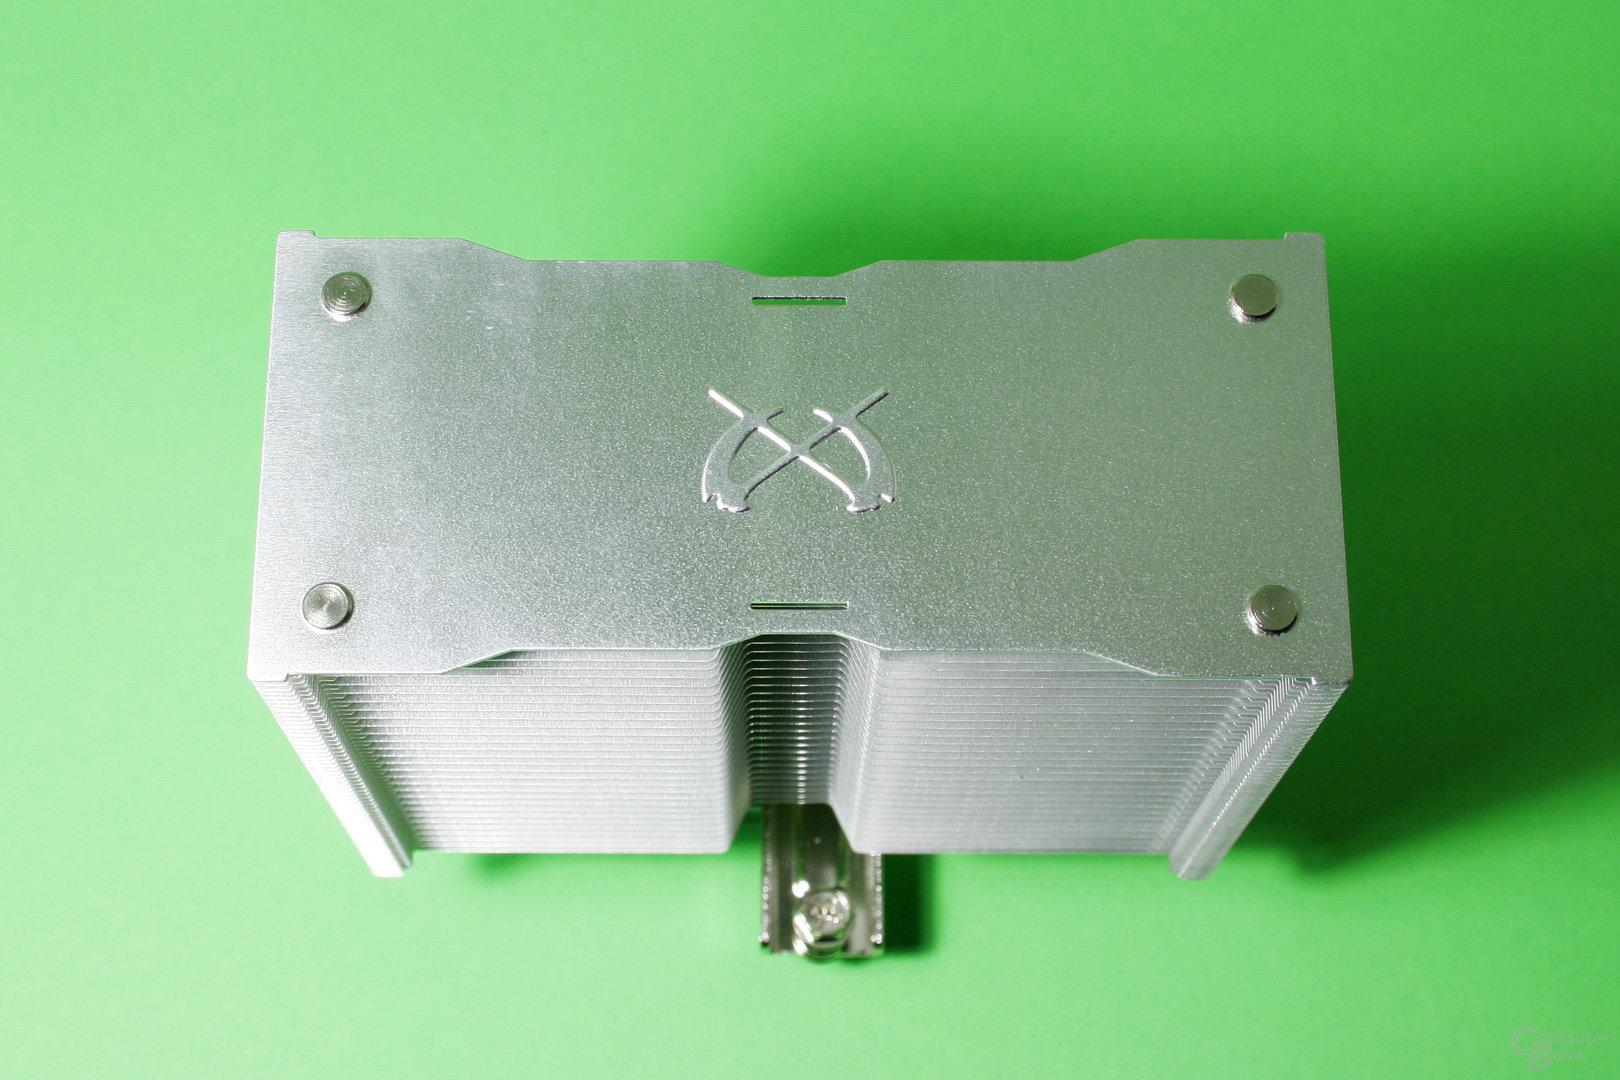 Der Kotetsu Mark II trägt eine Zierblende mit dem Hersteller-Logo